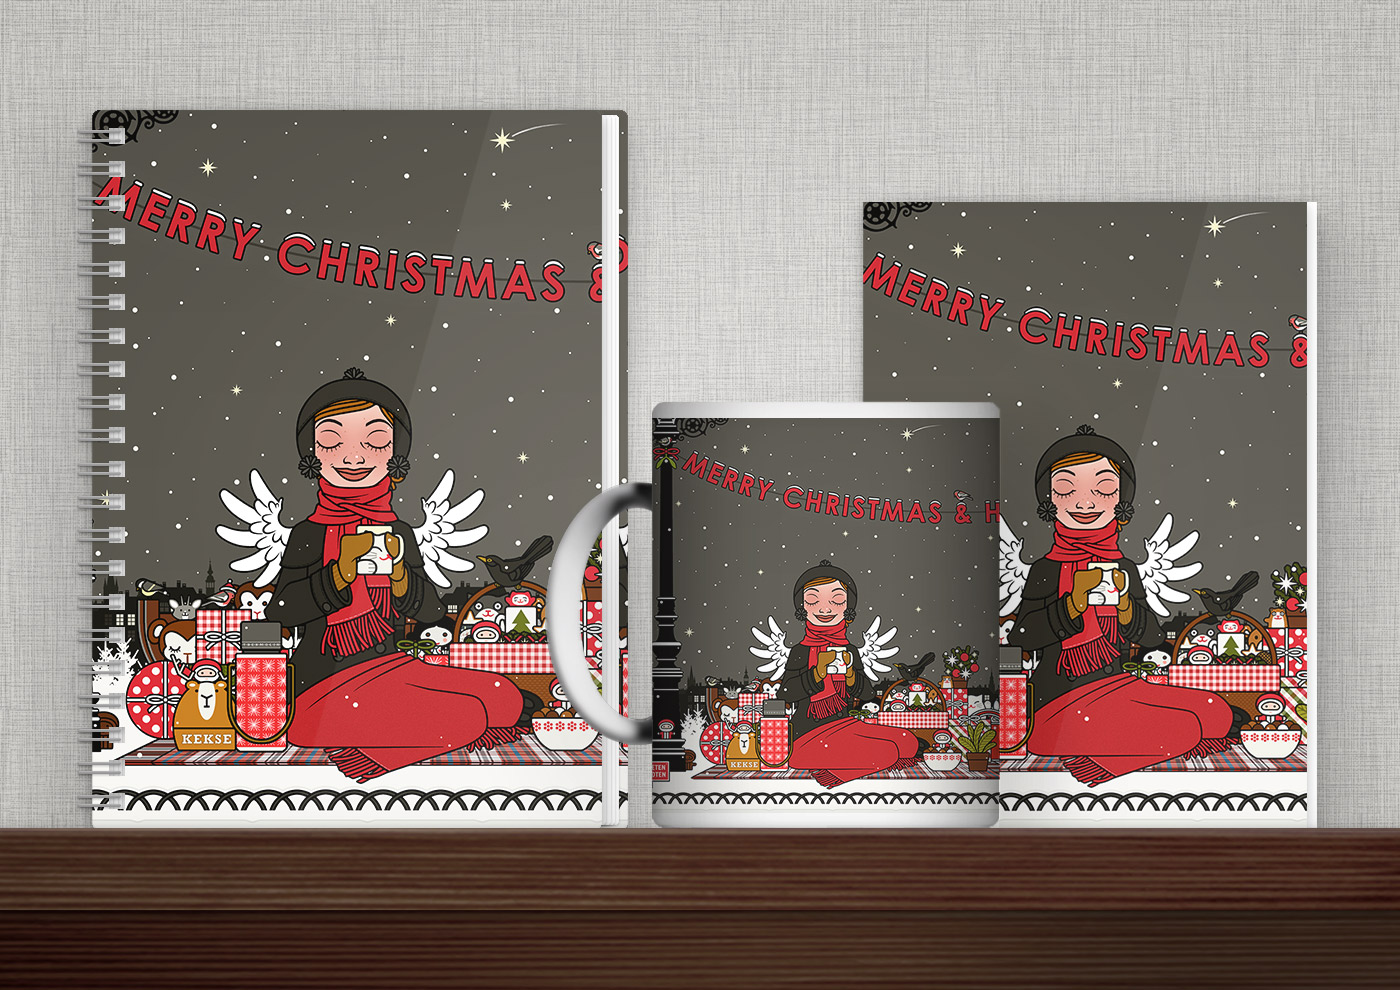 Bedruckte Produkte wie Tasse, Buch, Karte oder Tasche mit Illustrationen zu Weihnachten mit Lily Lux von Iris Luckhaus